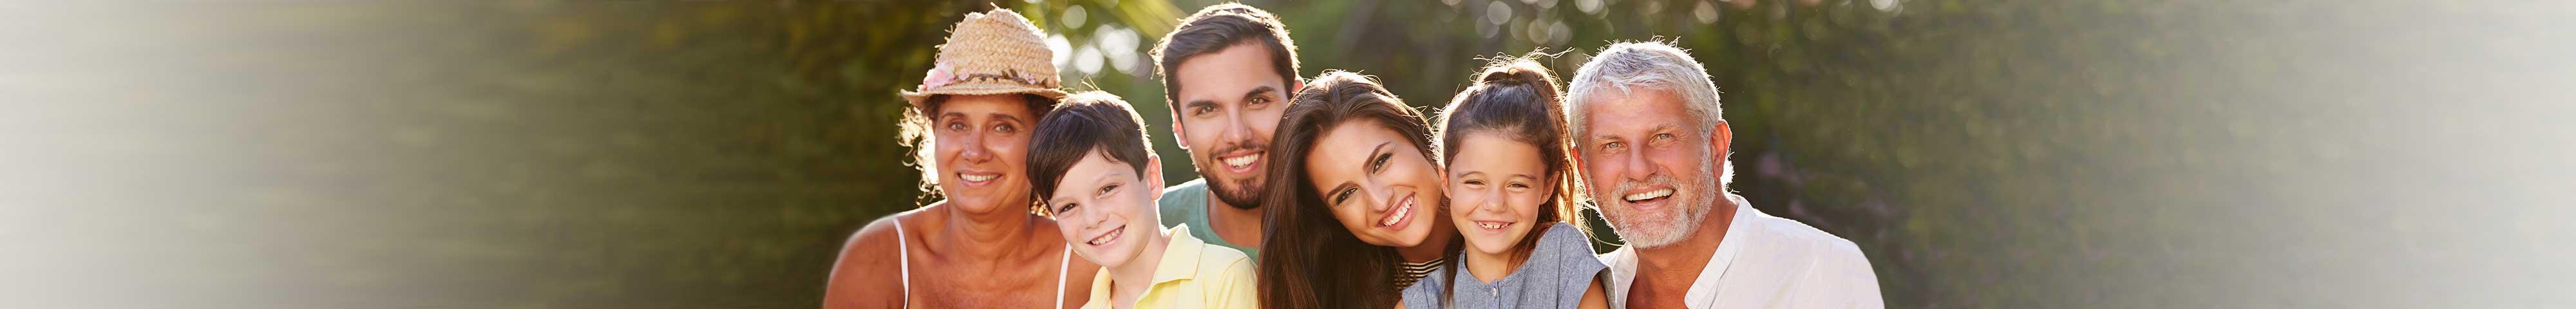 Lachende Patienten - Klinische Forschung Novartis